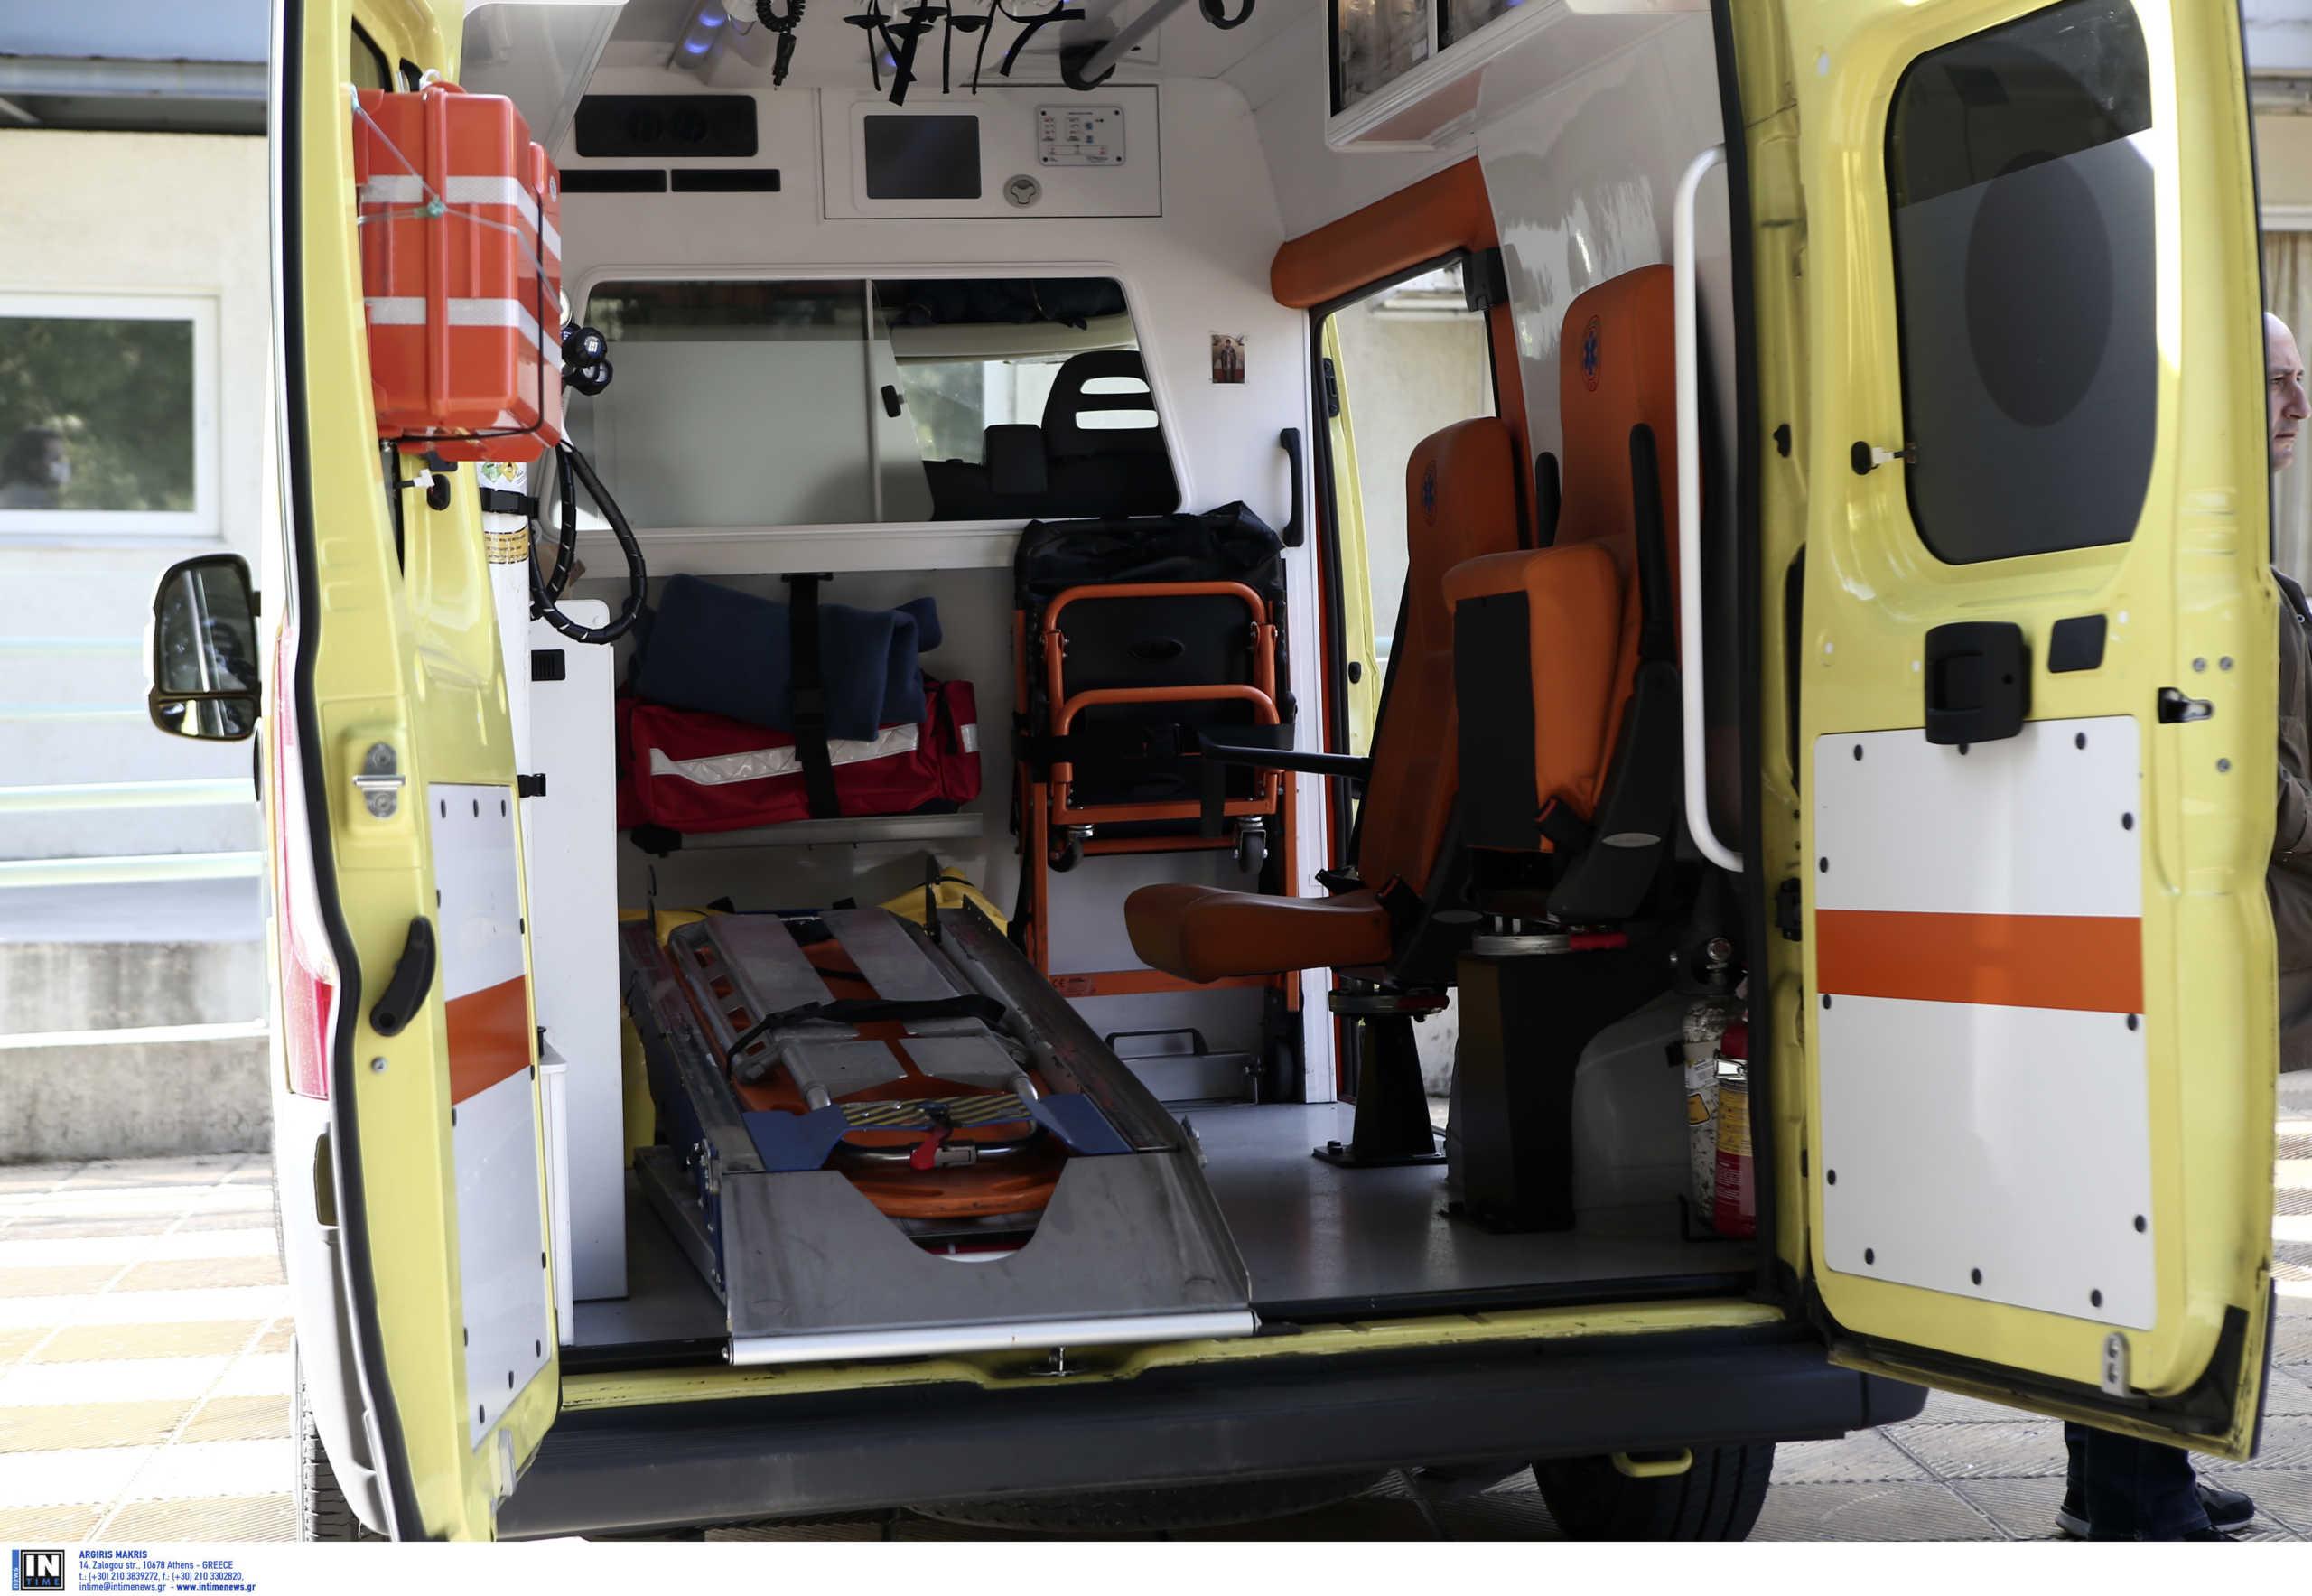 Χίος: Σκοτώθηκε πάνω στον γαϊδαρό της! Θλίψη στο νησί από το φοβερό δυστύχημα της άτυχης γυναίκας